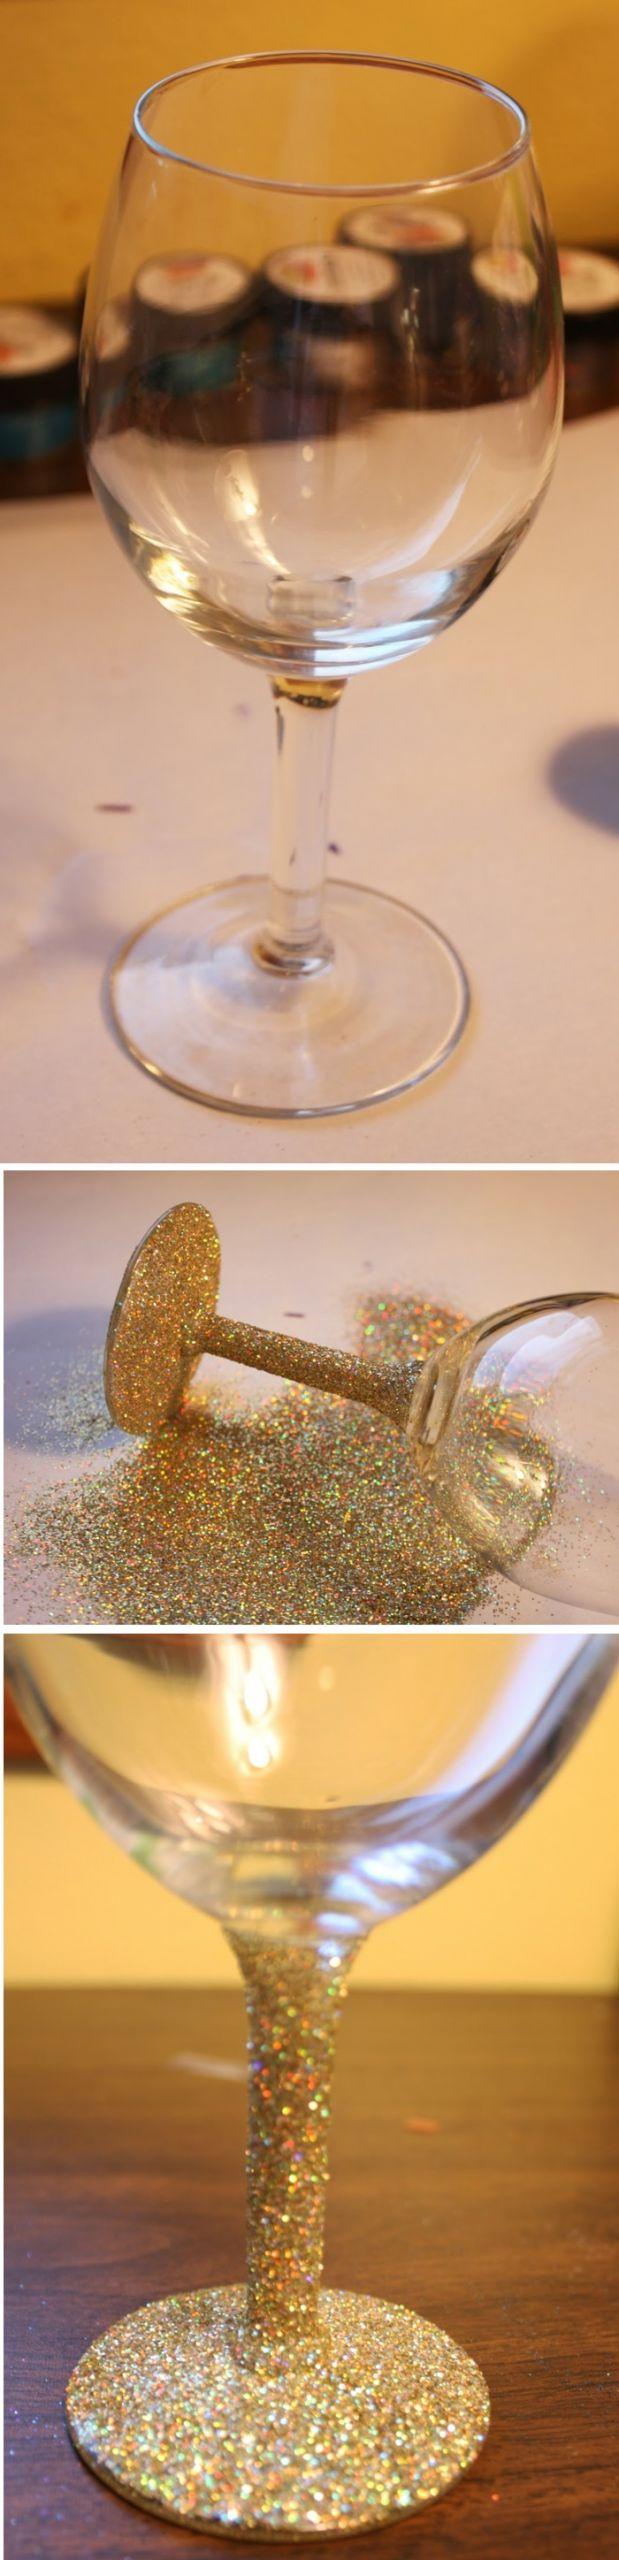 weingl C3 A4ser dekorieren glas weinglas mit goldenem brokat verzieren weinglasdeko